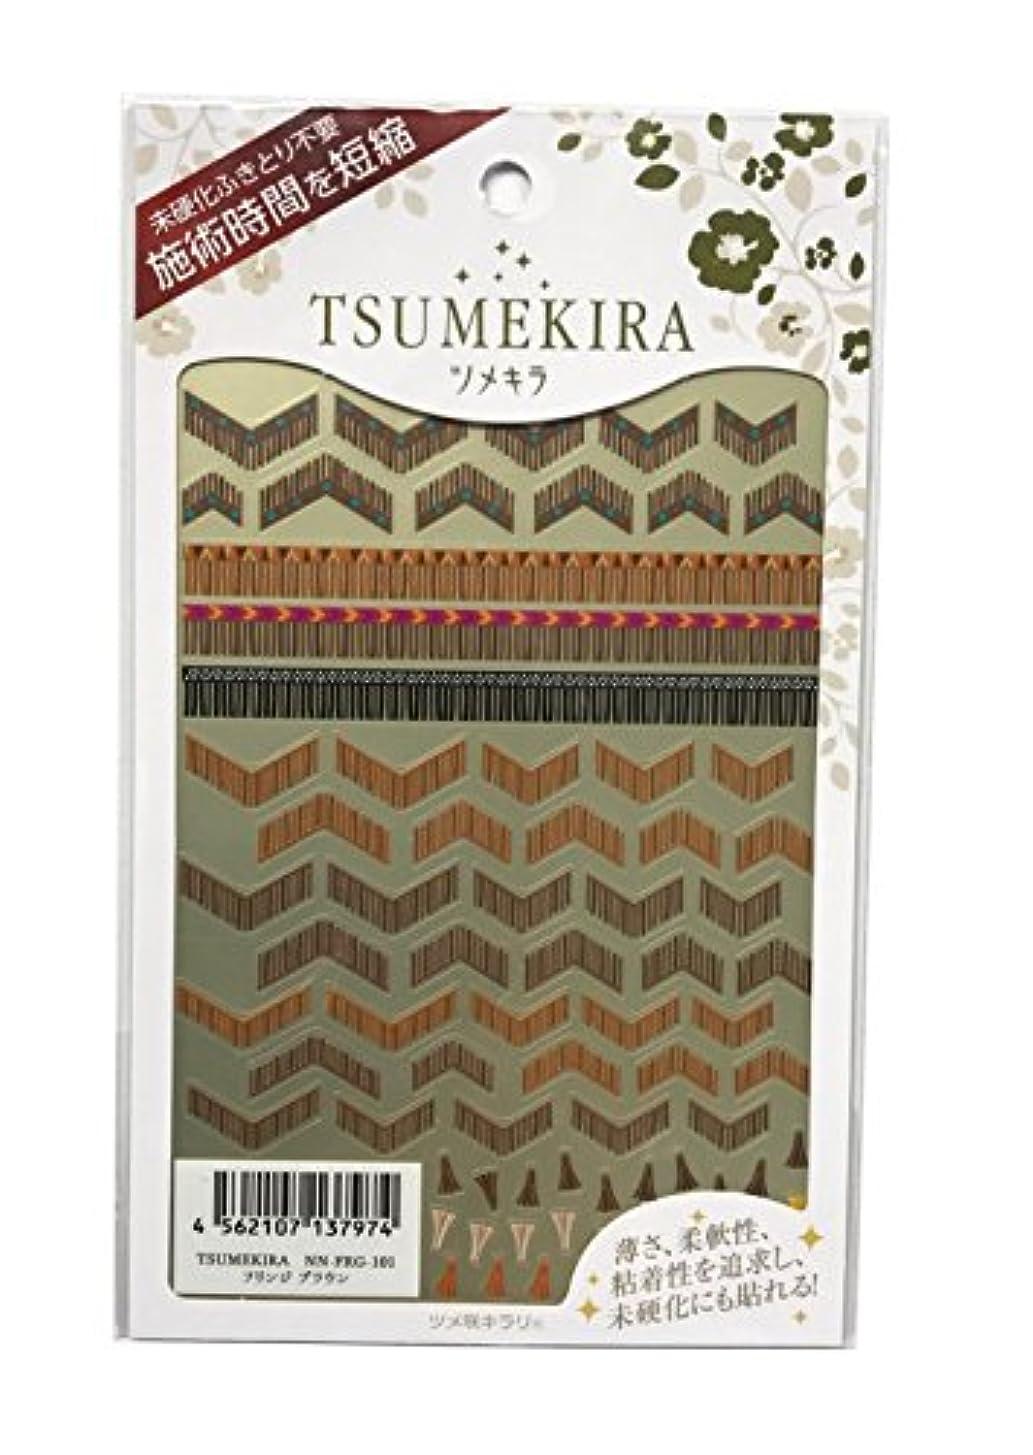 検査官宿題解釈ツメキラ(TSUMEKIRA) ネイル用シール フリンジ ブラウン NN-FRG-101